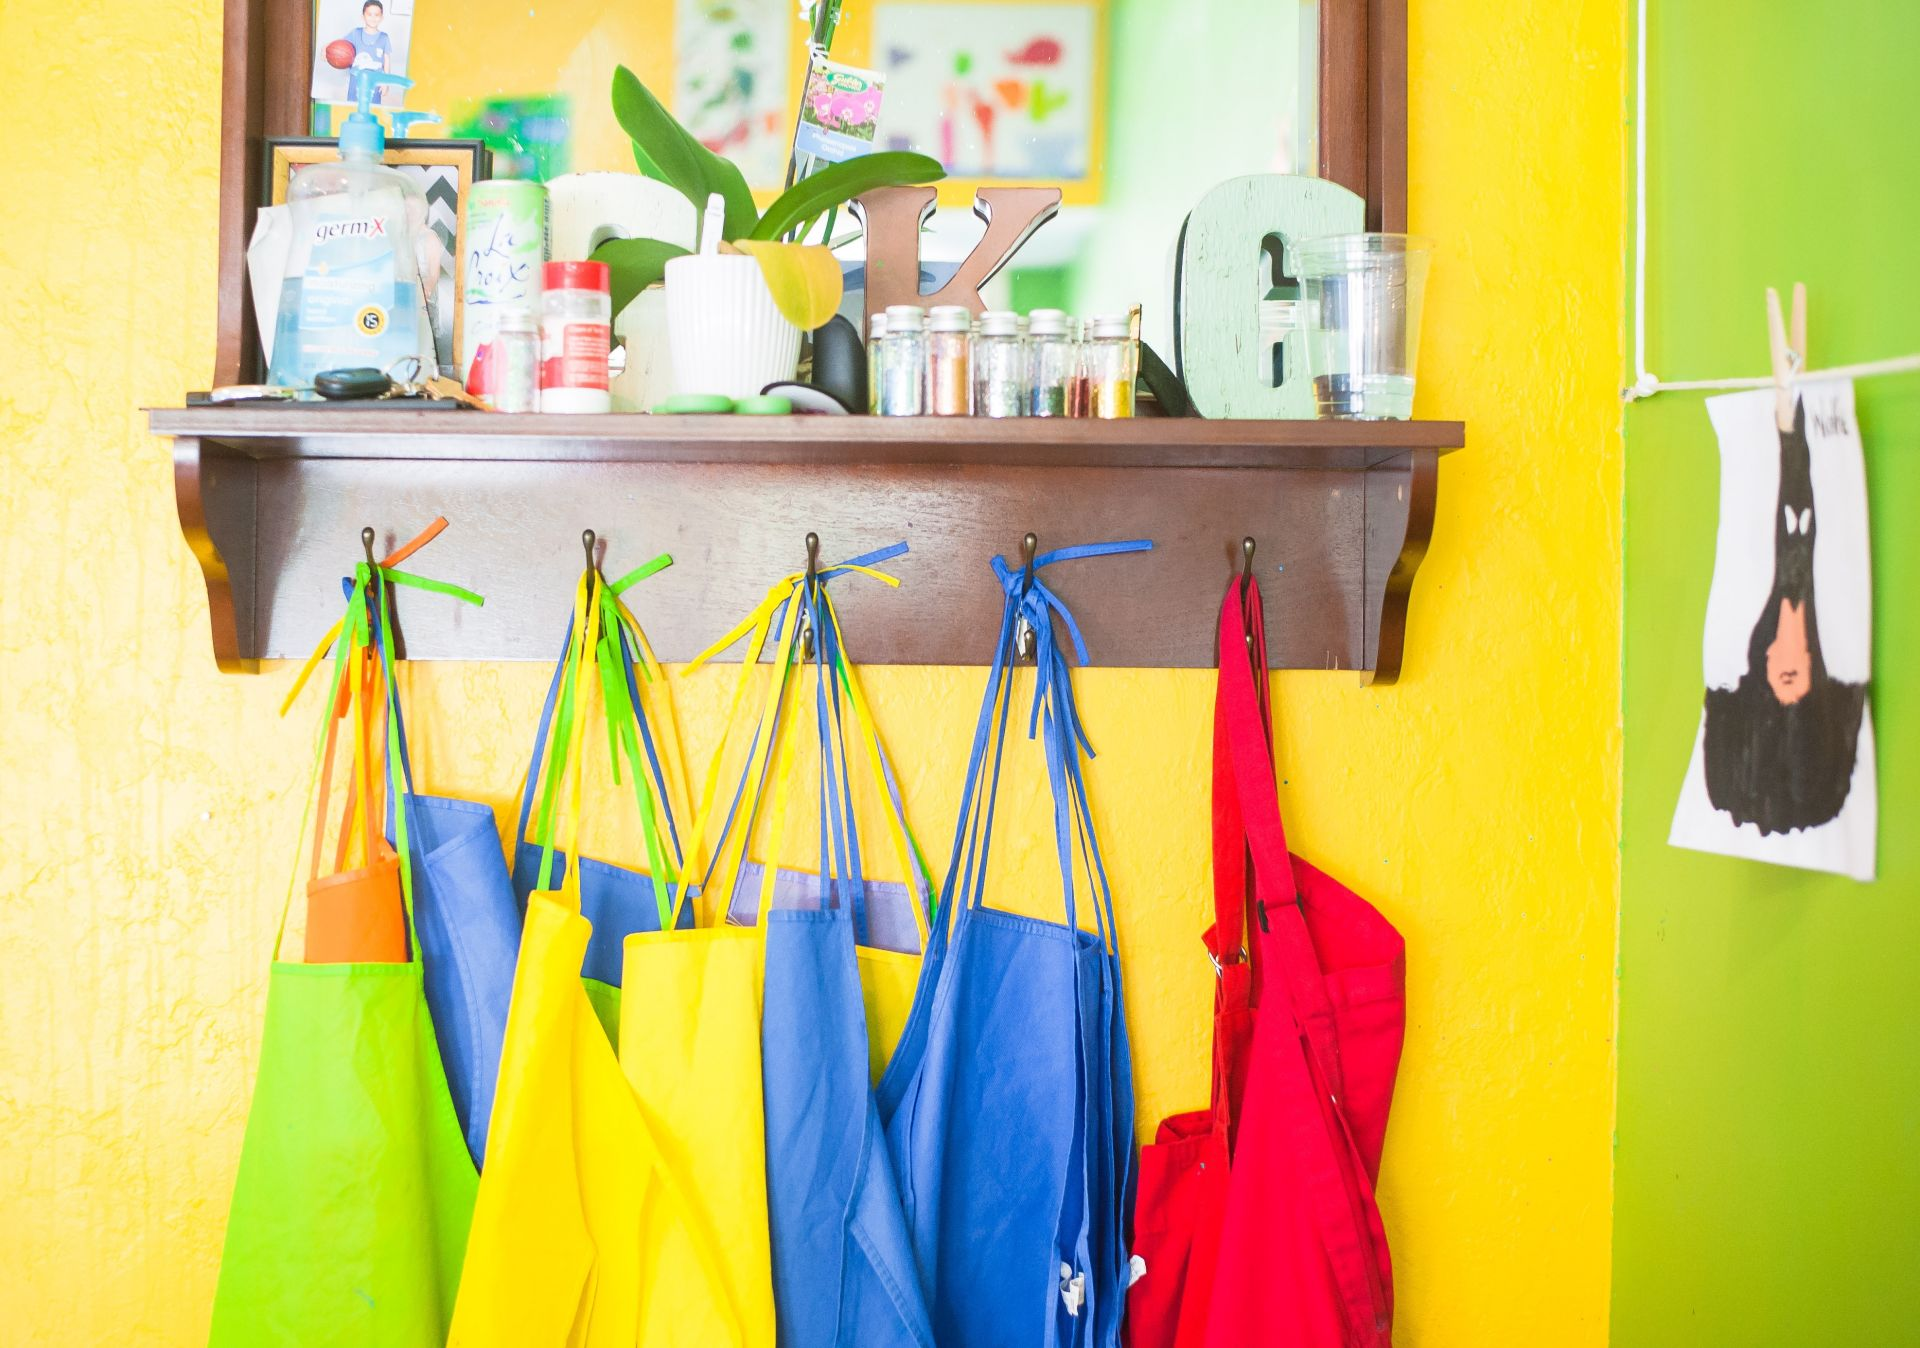 Lo que todos debemos saber acerca de la normativa y legislación sobre alergias alimentarias en centros escolares